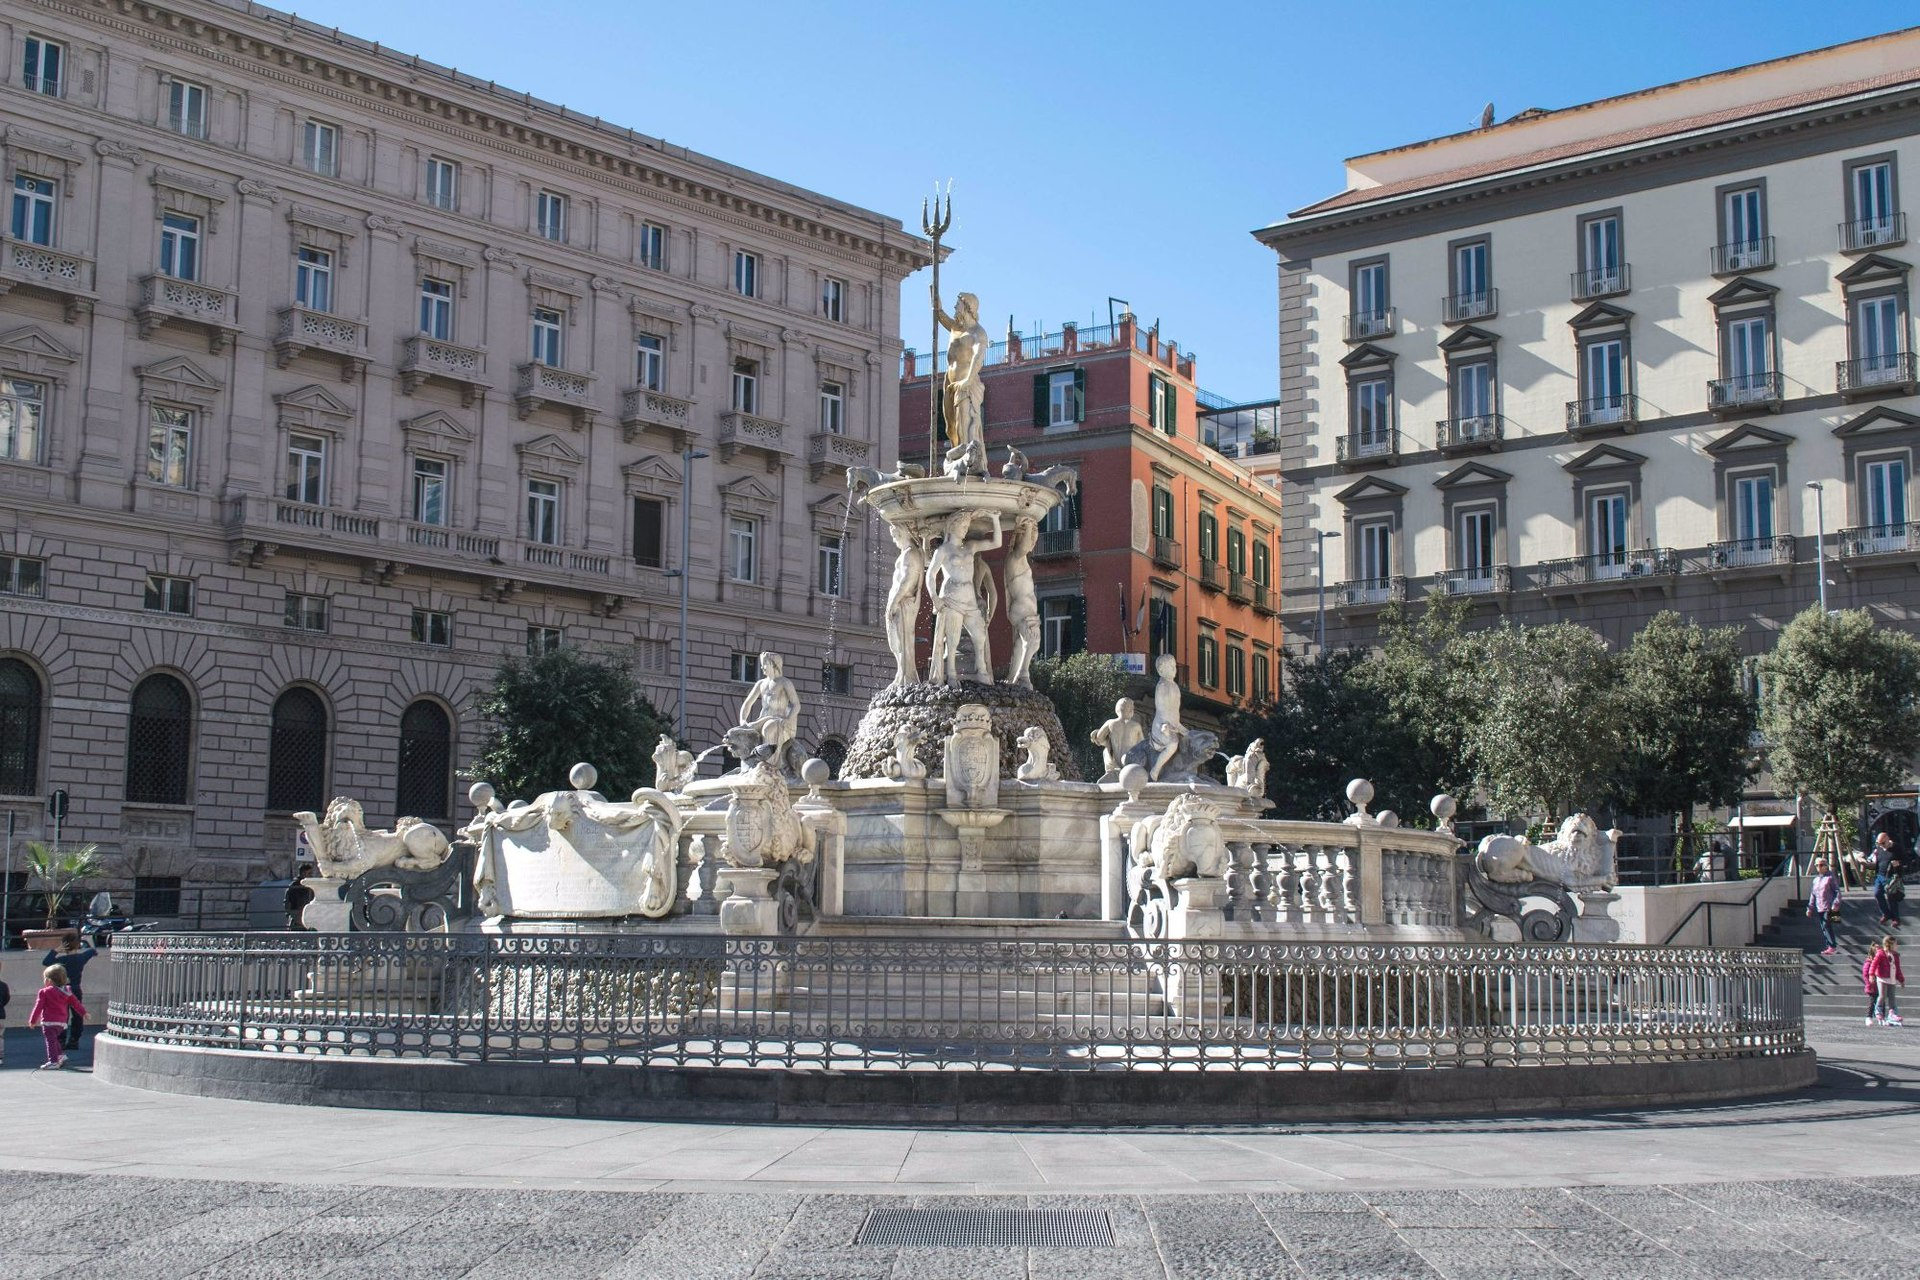 La fontana del Nettuno di Napoli. Una fontana girovaga